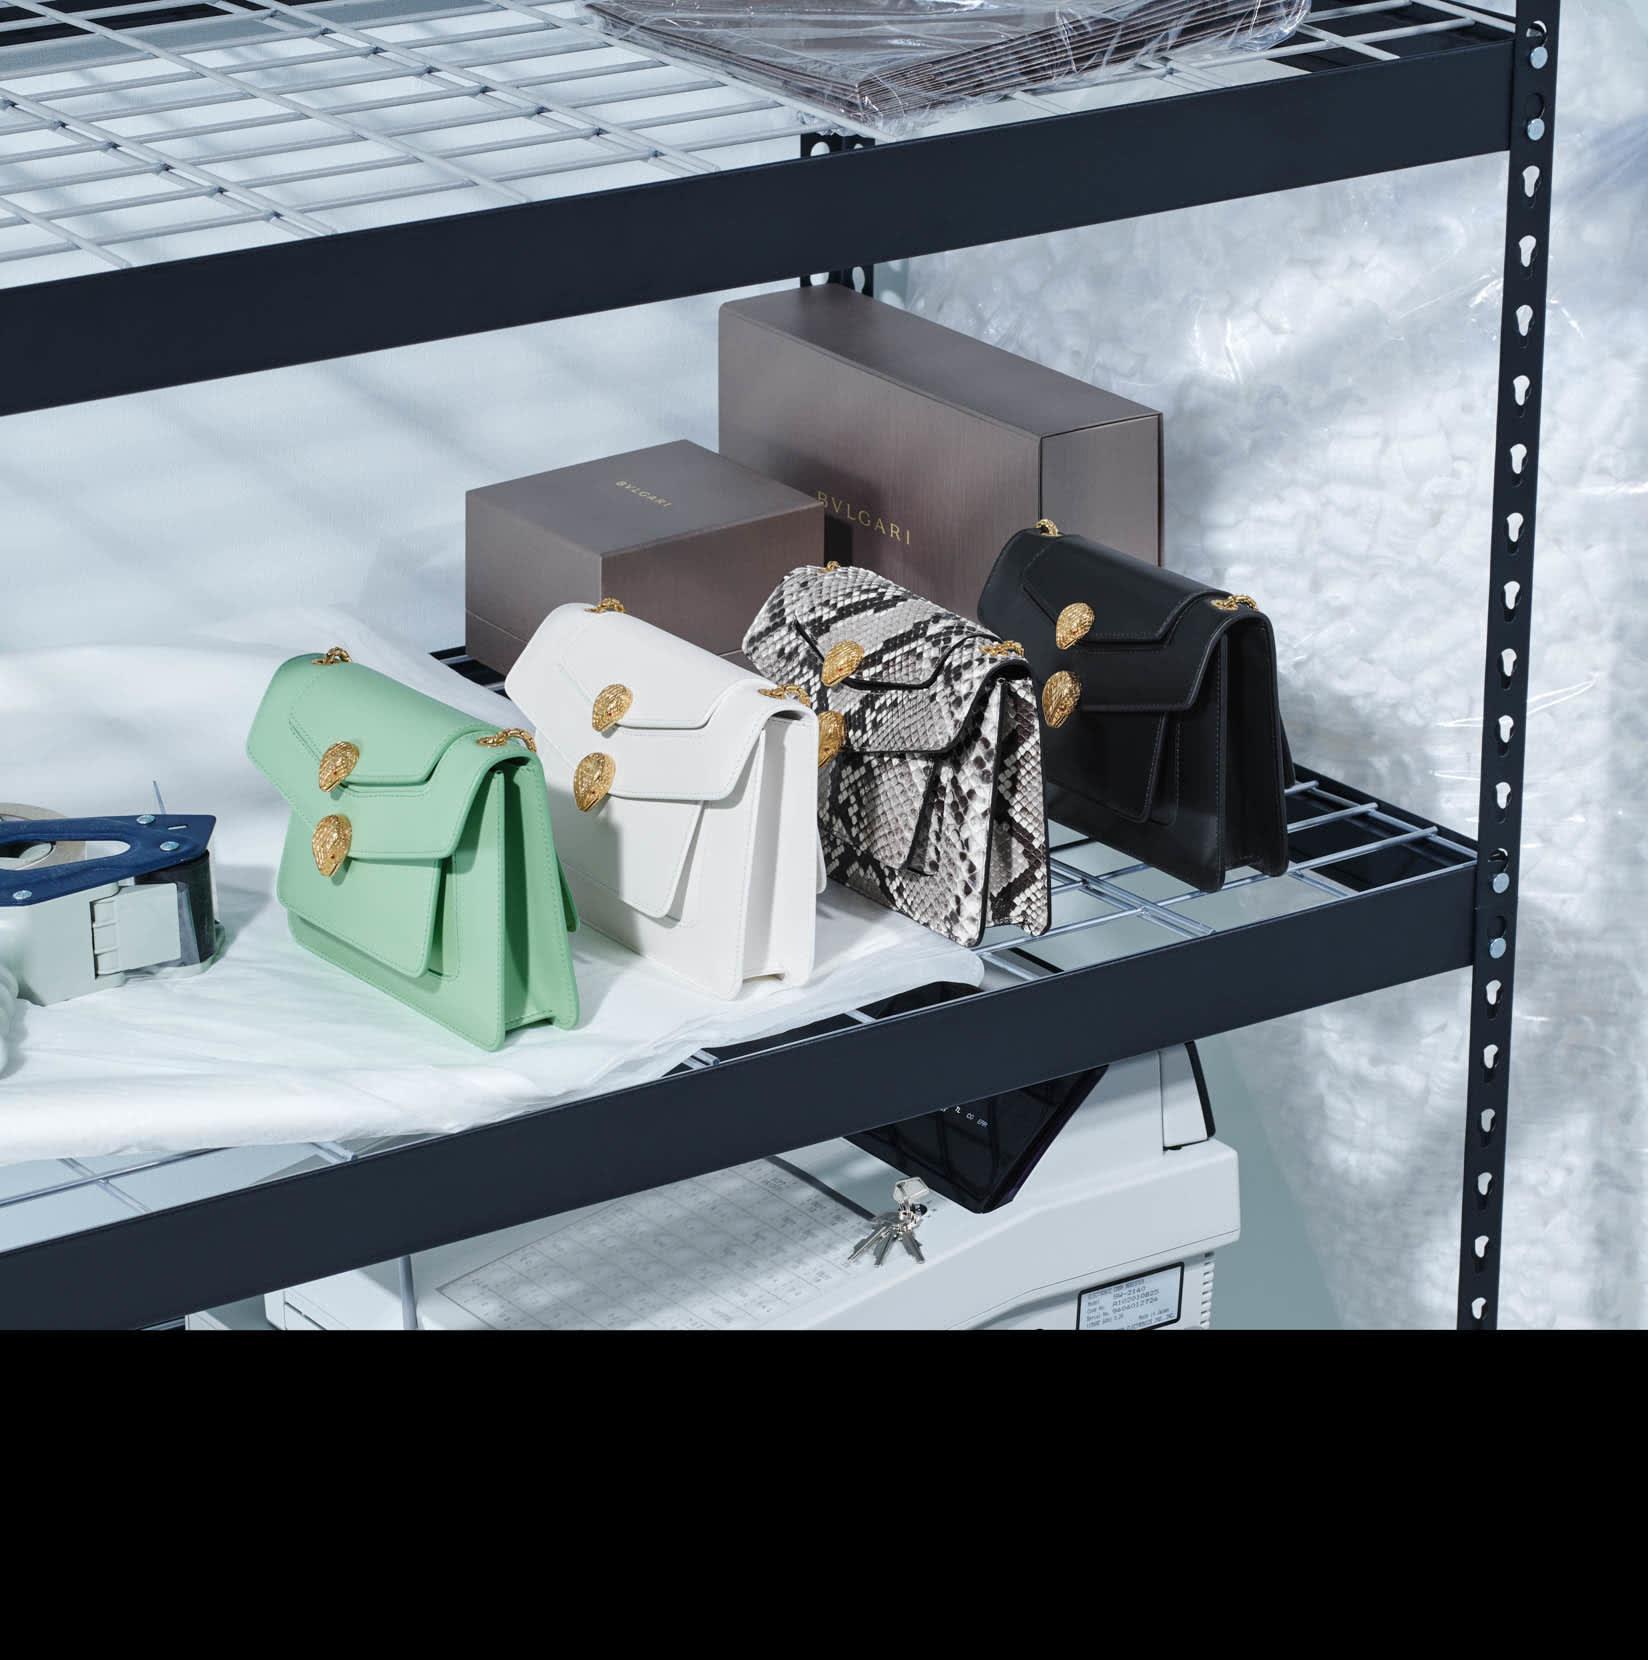 wholesale dealer 04b17 f9e9a ブルガリ」アレキサンダーワンとのカプセルコレクションを発表 ...